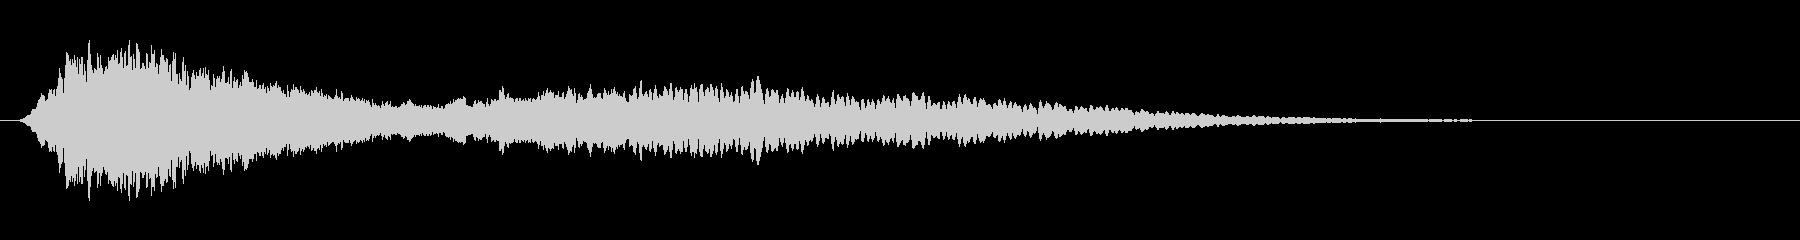 スタブリバーブ付き高周波電子音スタブの未再生の波形